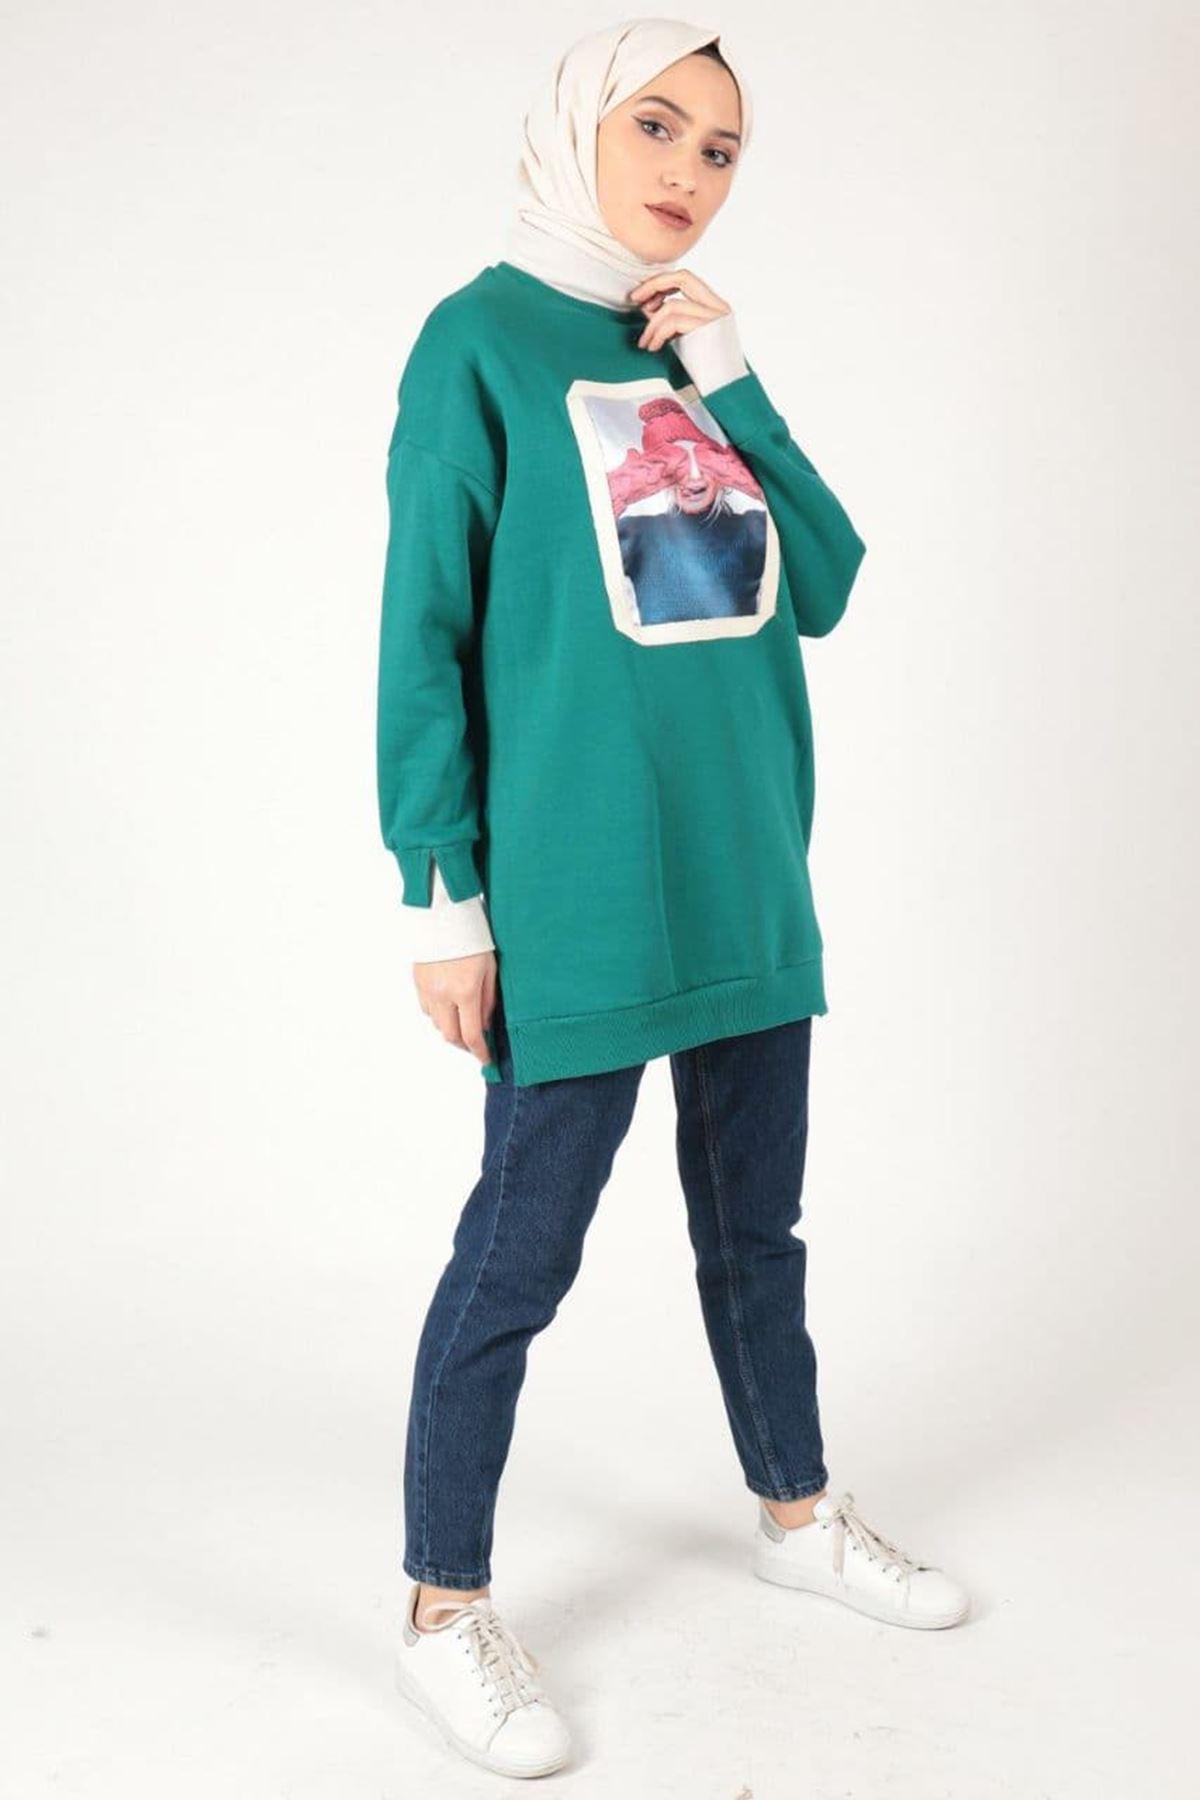 Kadın Baskılı Üç İplik Tunik - Petrol Yeşili